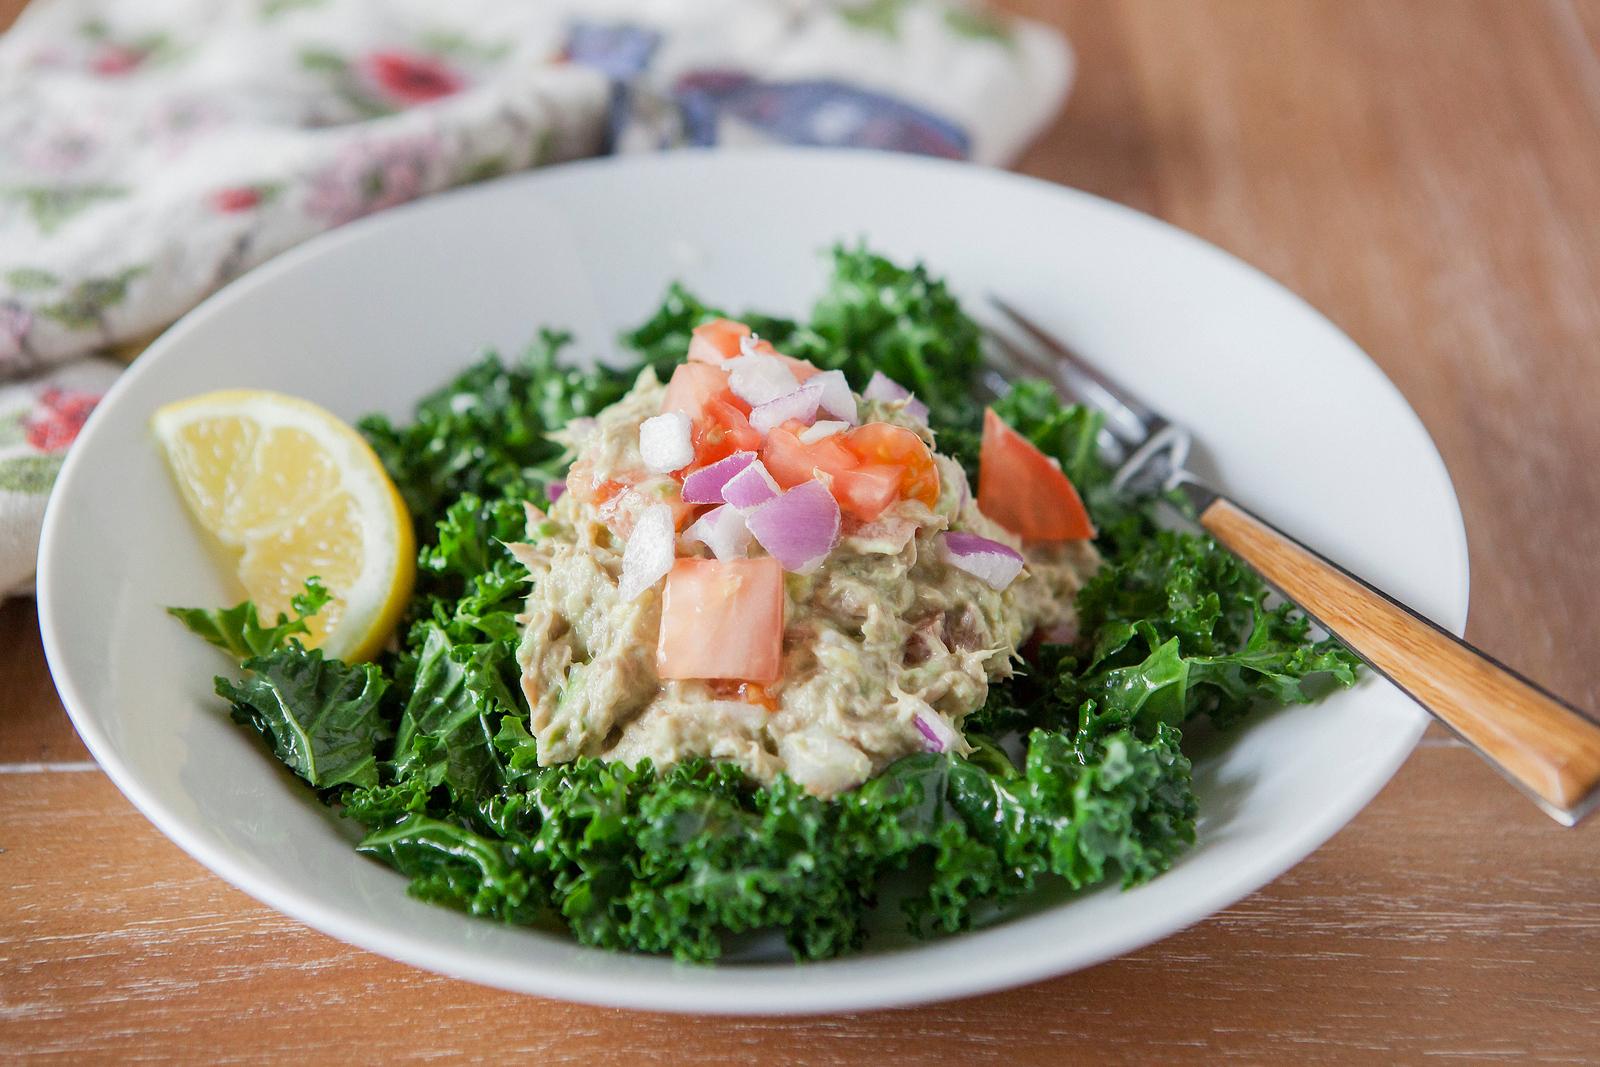 0008_NutritionTwins-avocado-tuna-salad-kale